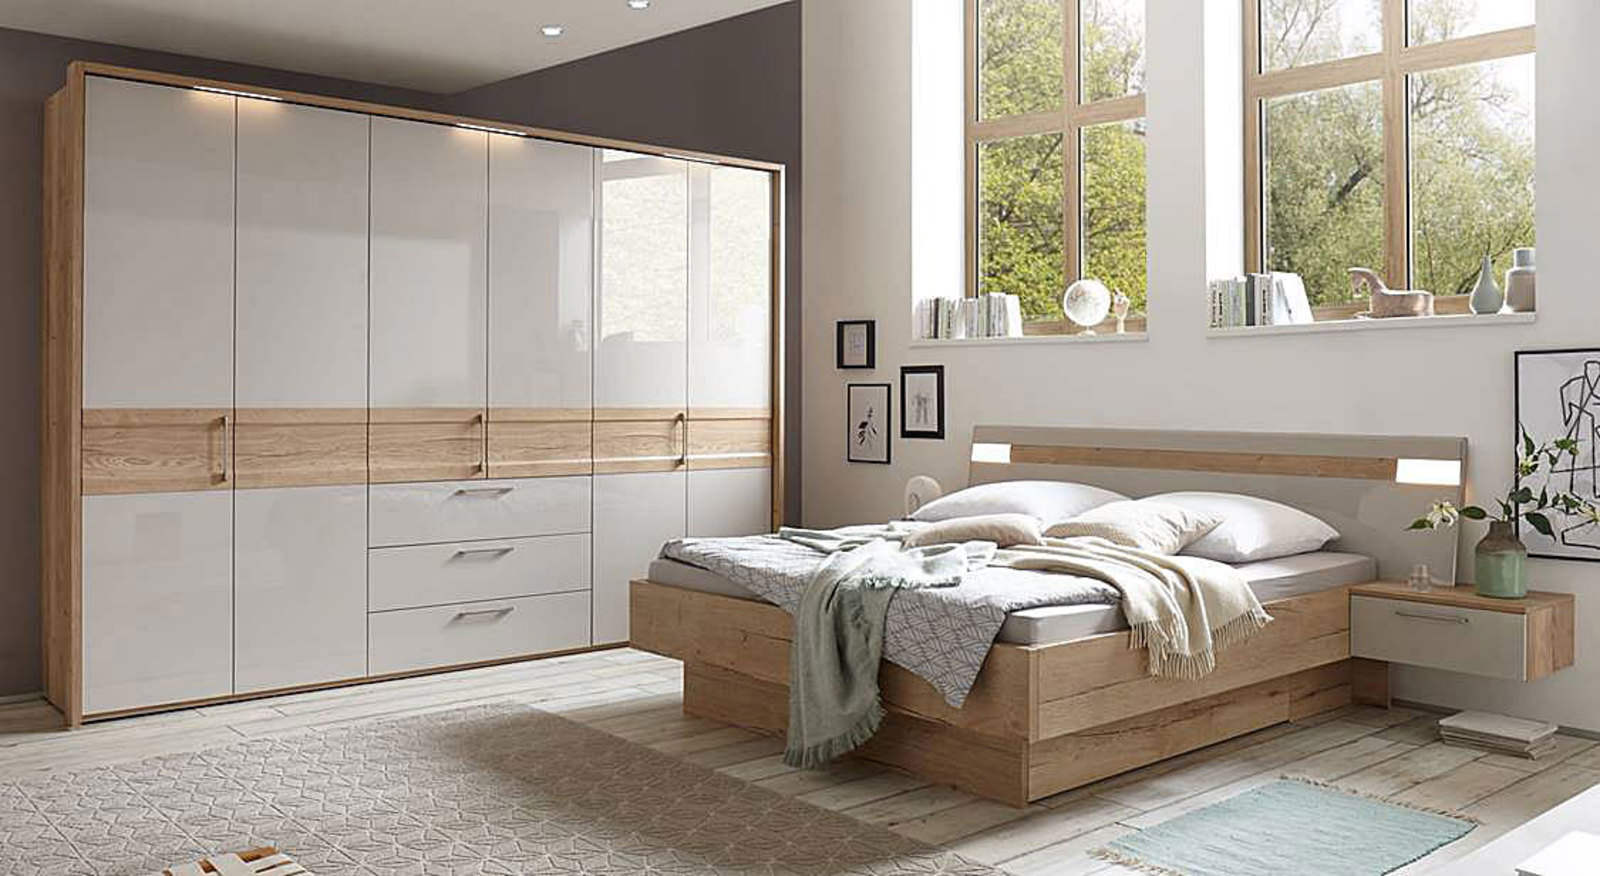 MONDO Schlafzimmer online entdecken | Knuffmann - Ihr Möbelhaus